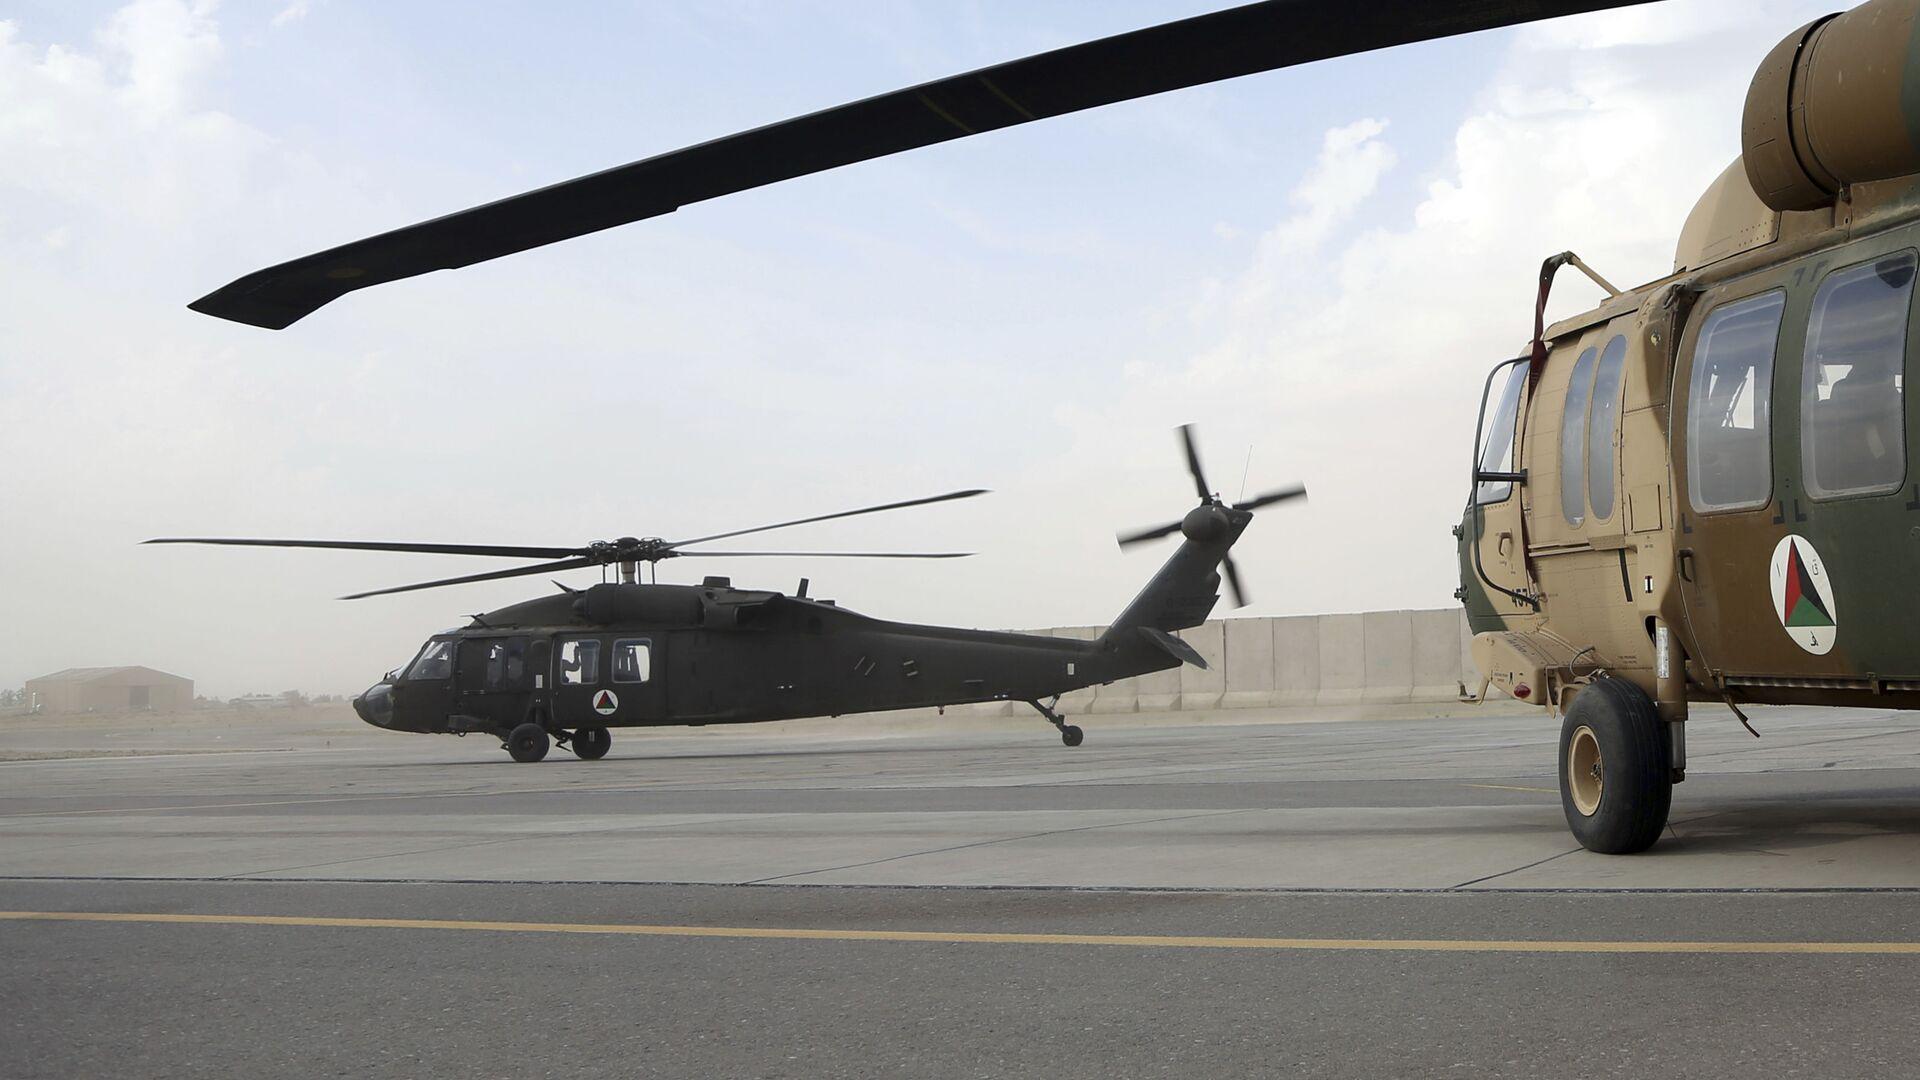 Американский вертолет UH-60 Black Hawk в Афганистане. Архивное фото - Sputnik Mundo, 1920, 27.08.2021